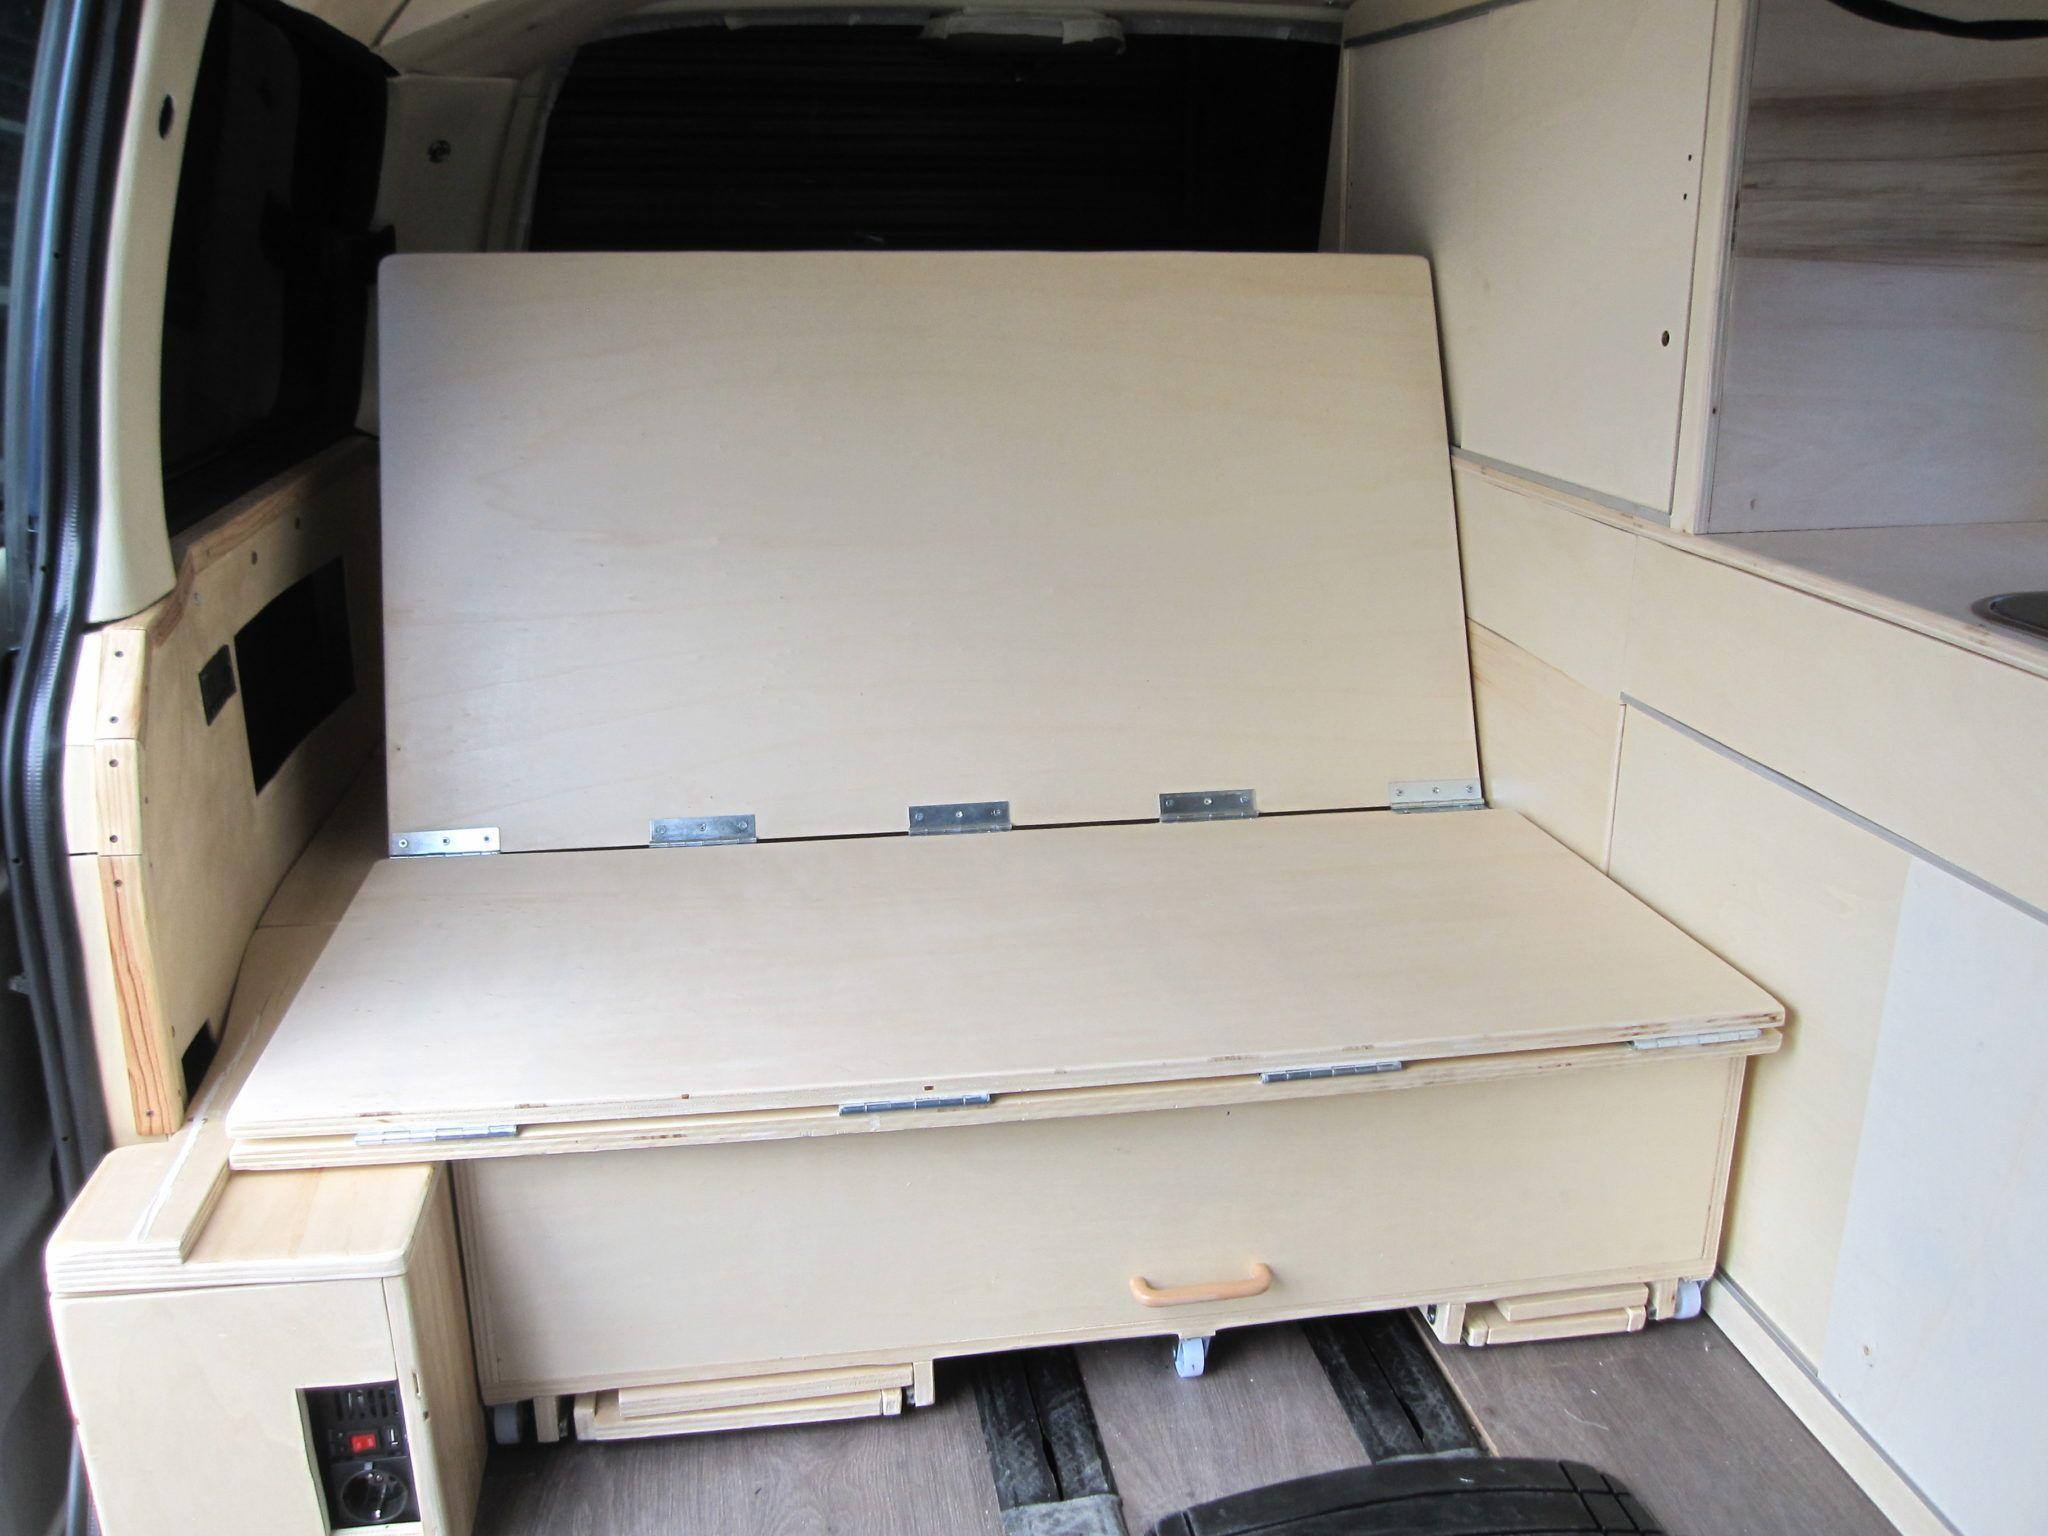 Muebles furgoneta viajando a itaca for Muebles en bruto